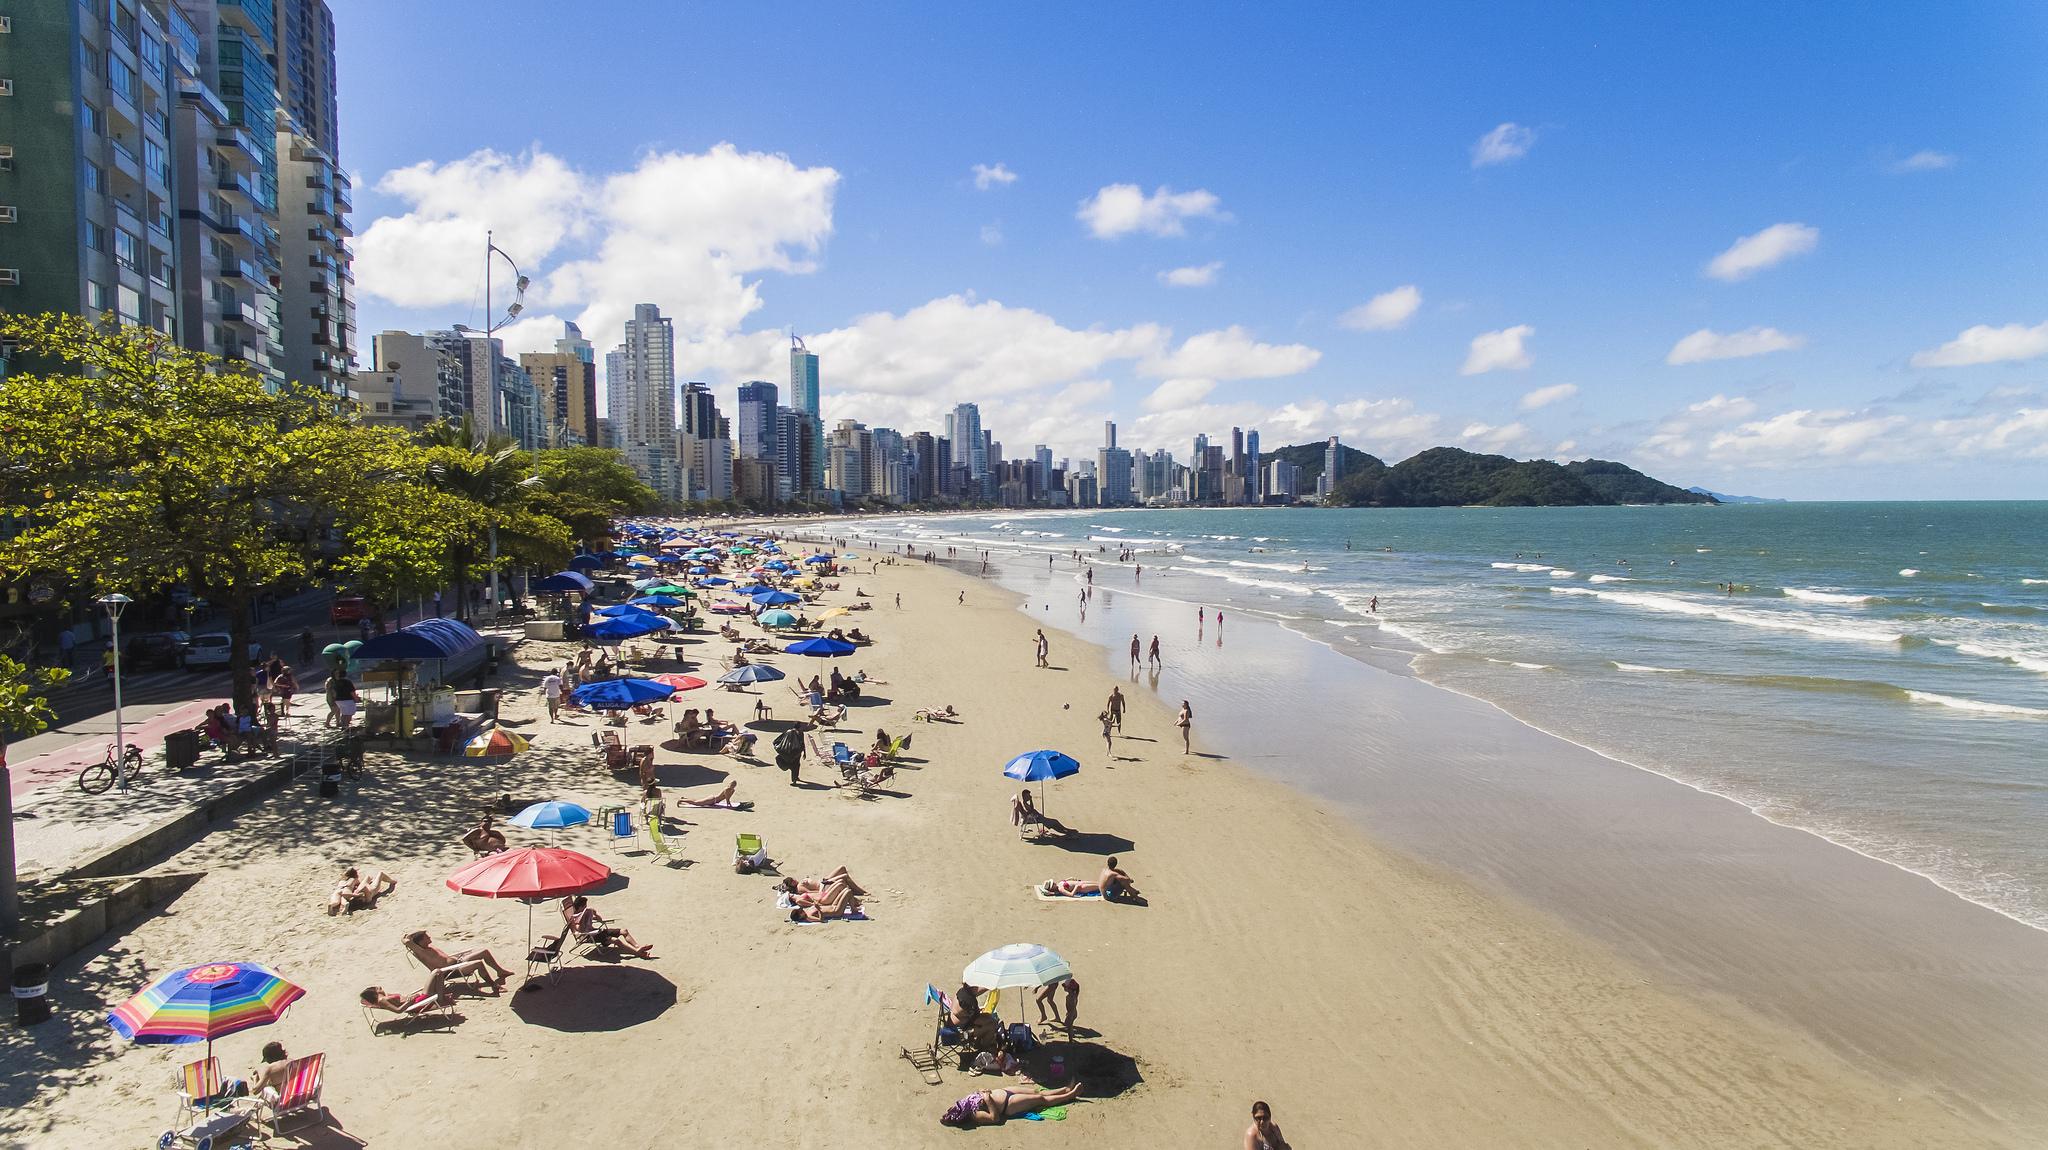 Alargamento da praia de Balneário Camboriú está autorizado | ND